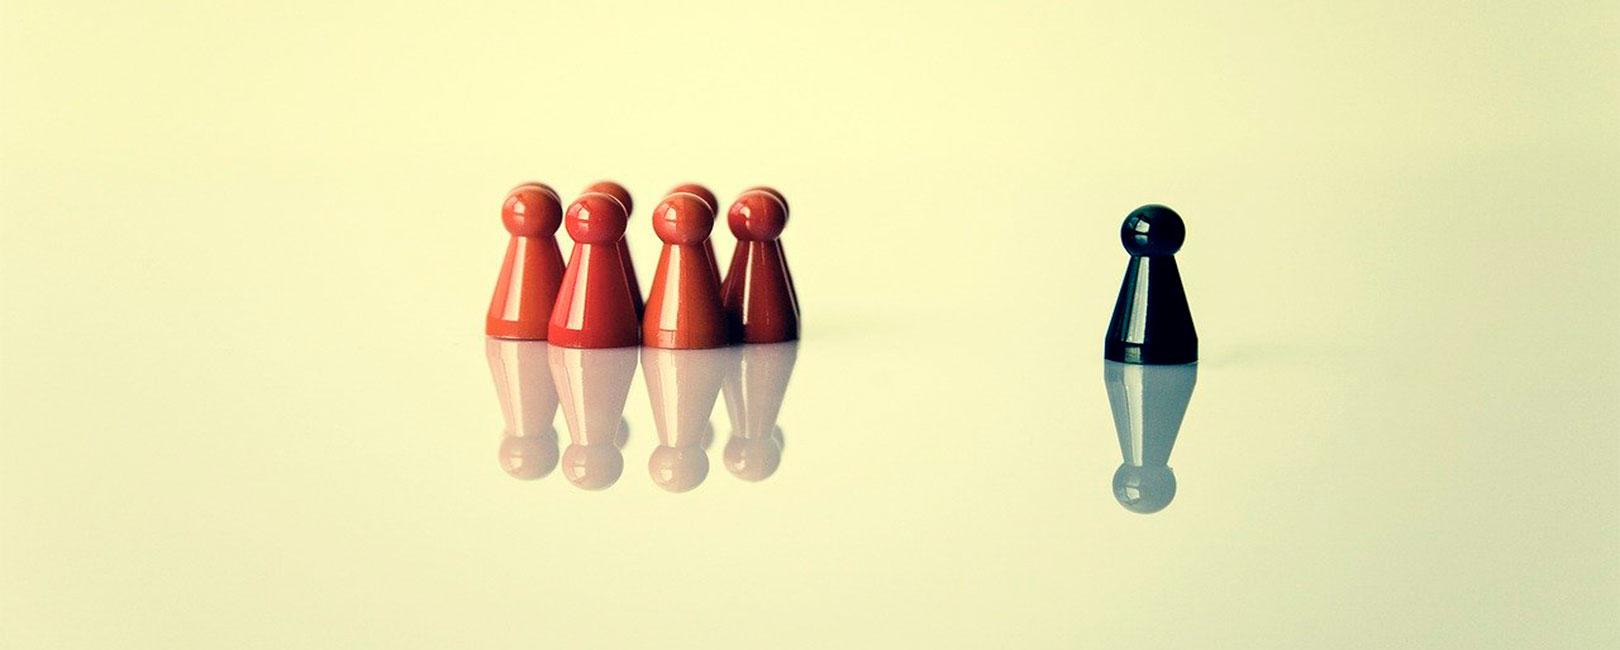 Descubrir sin ejecutar, no es innovar. Habilidades clave para el liderar la innovación